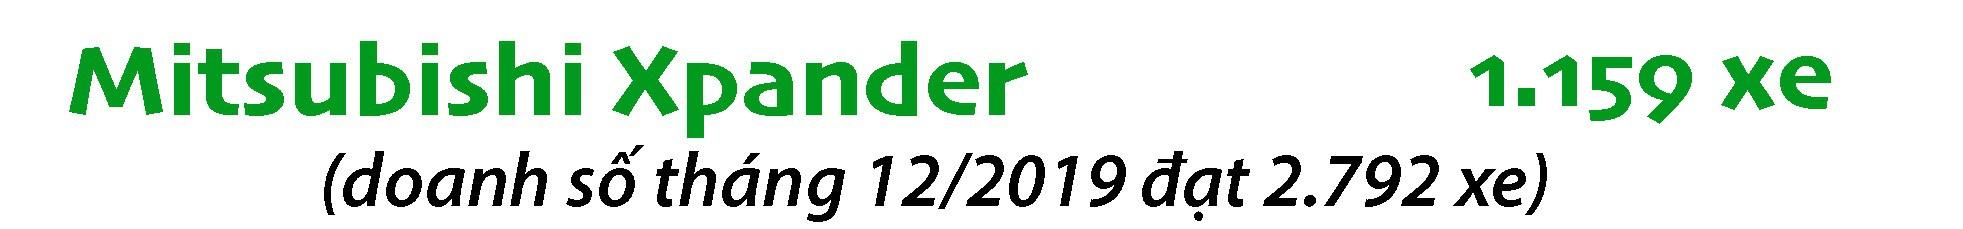 Phân khúc MPV tháng 1/2020: Toyota Innova bị Mitsubishi Xpander bỏ xa - 3